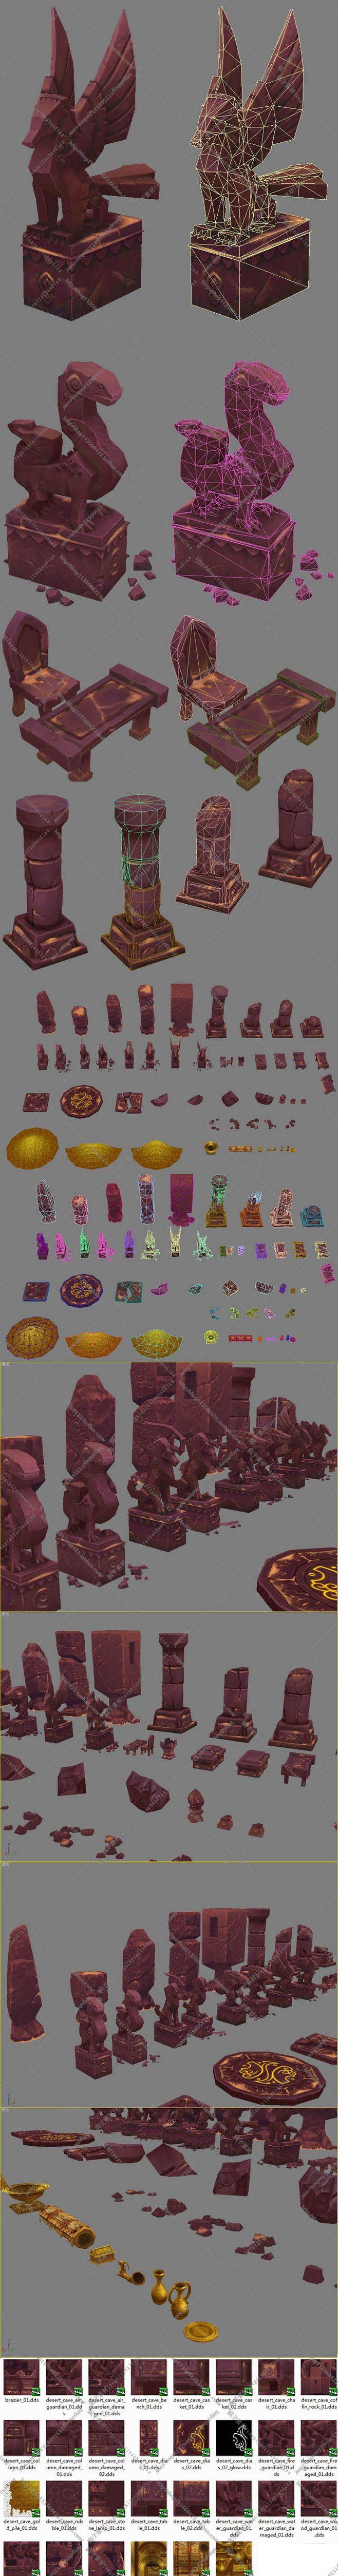 游戏美术资源 手绘Q版卡通风格 火炬之光...